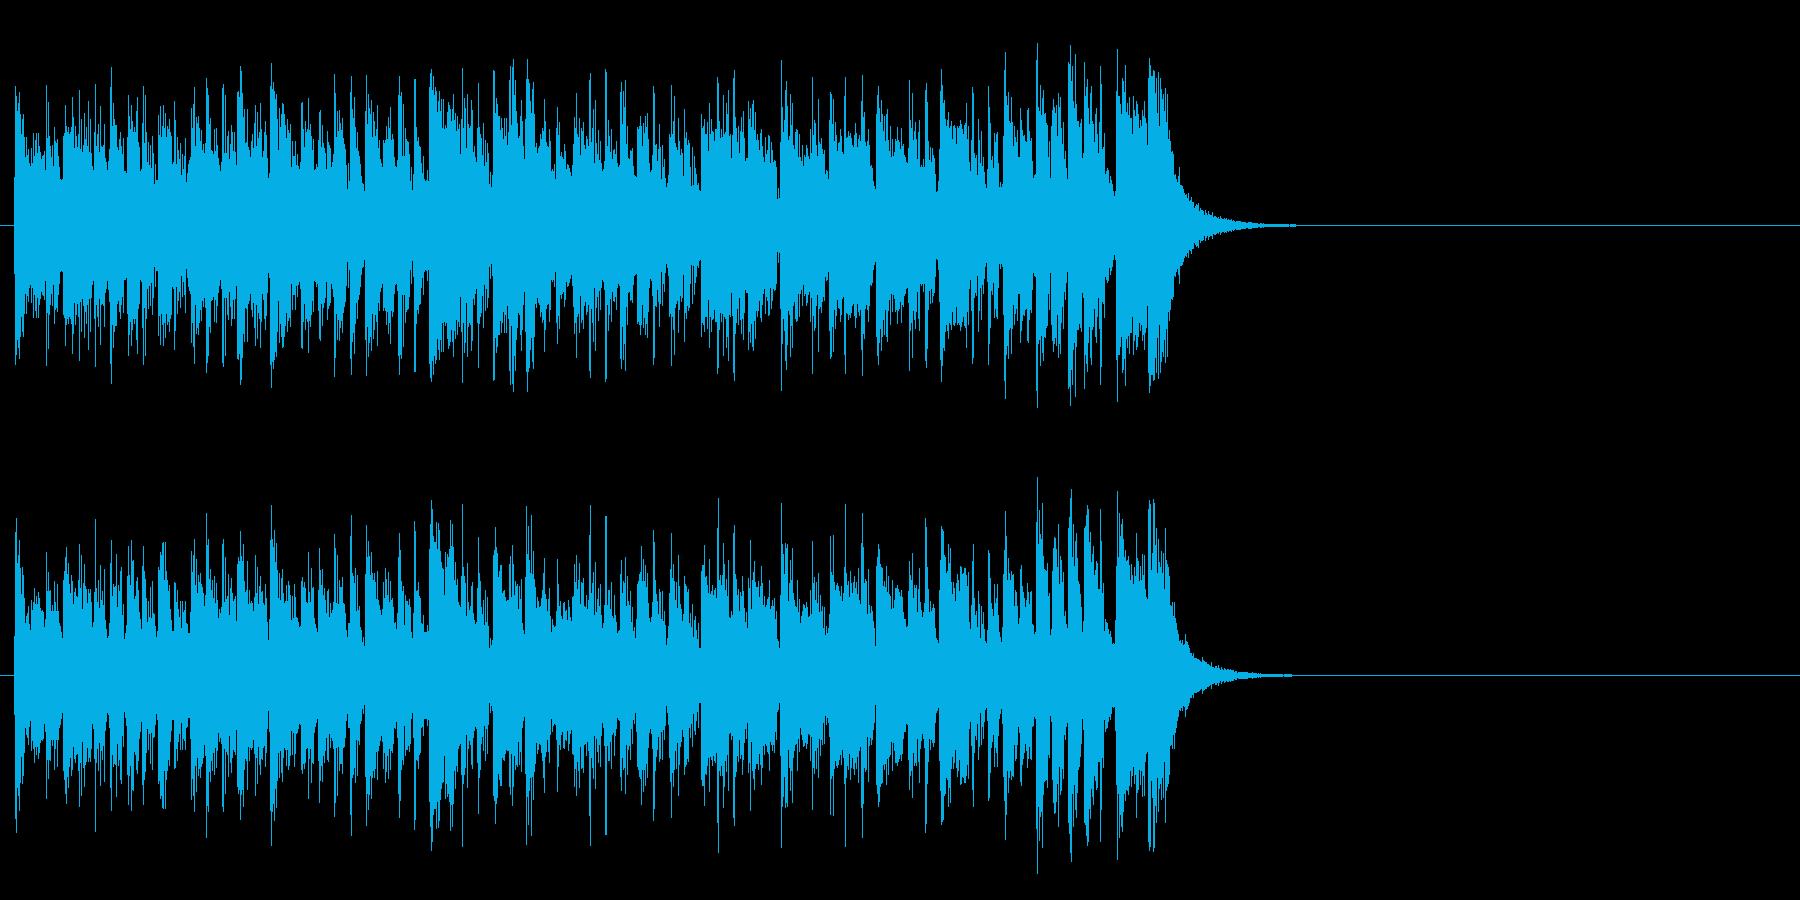 元気ハツラツOPポップス(イントロ)の再生済みの波形